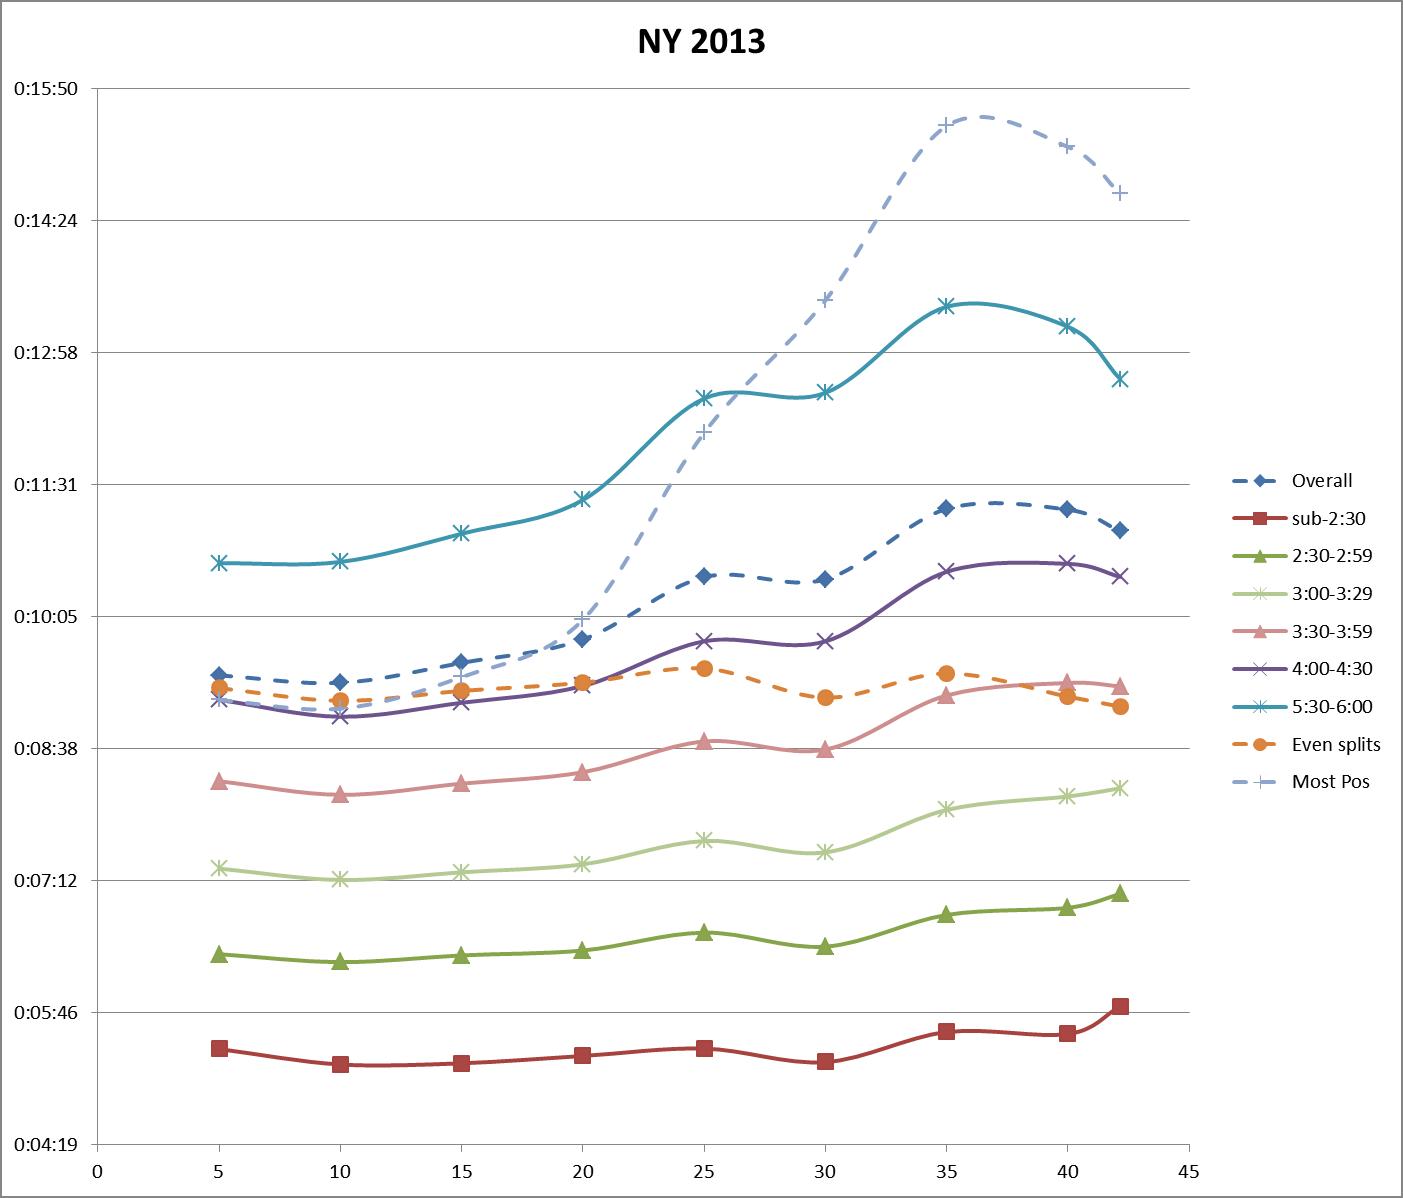 NY 2013 - 5K splits